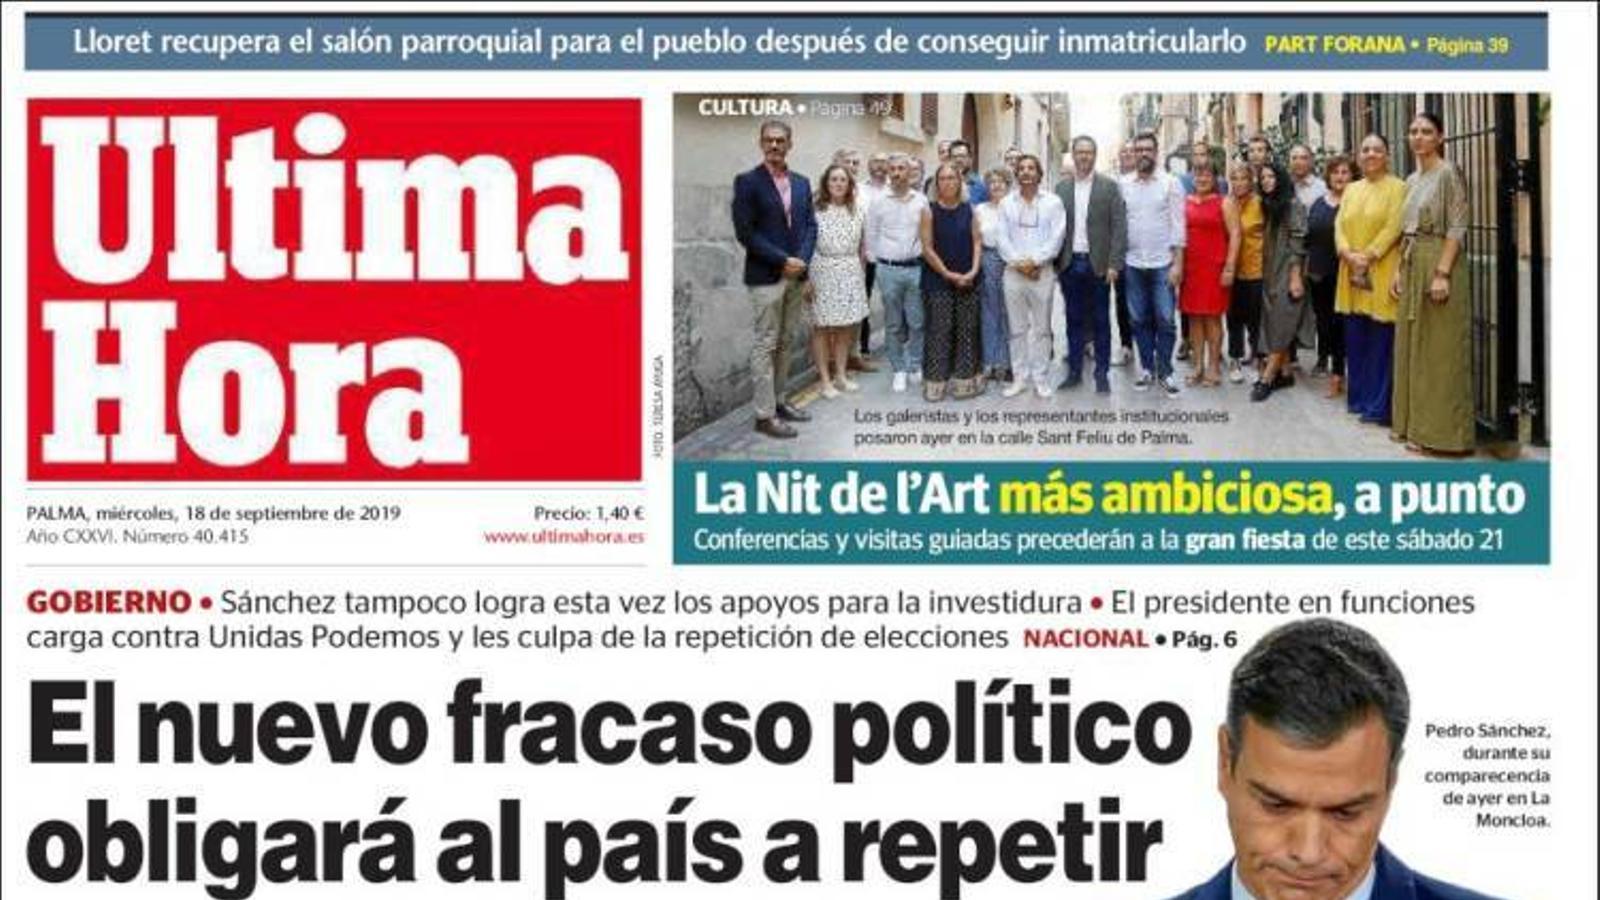 """""""El nou fracàs polític obligarà al país a repetir eleccions en 54 dies"""", portada d''Última Hora'"""